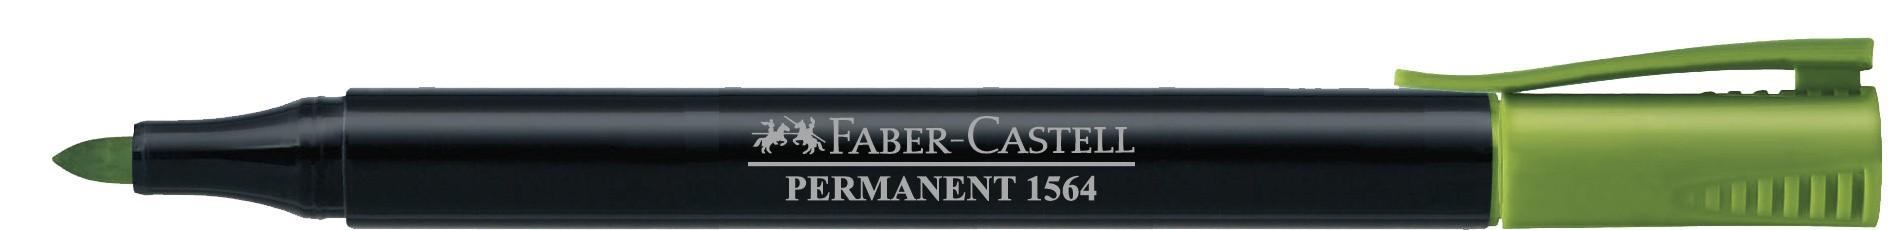 MARKER PERMANENT VERNIL SLIM 1564 FABER-CASTELL